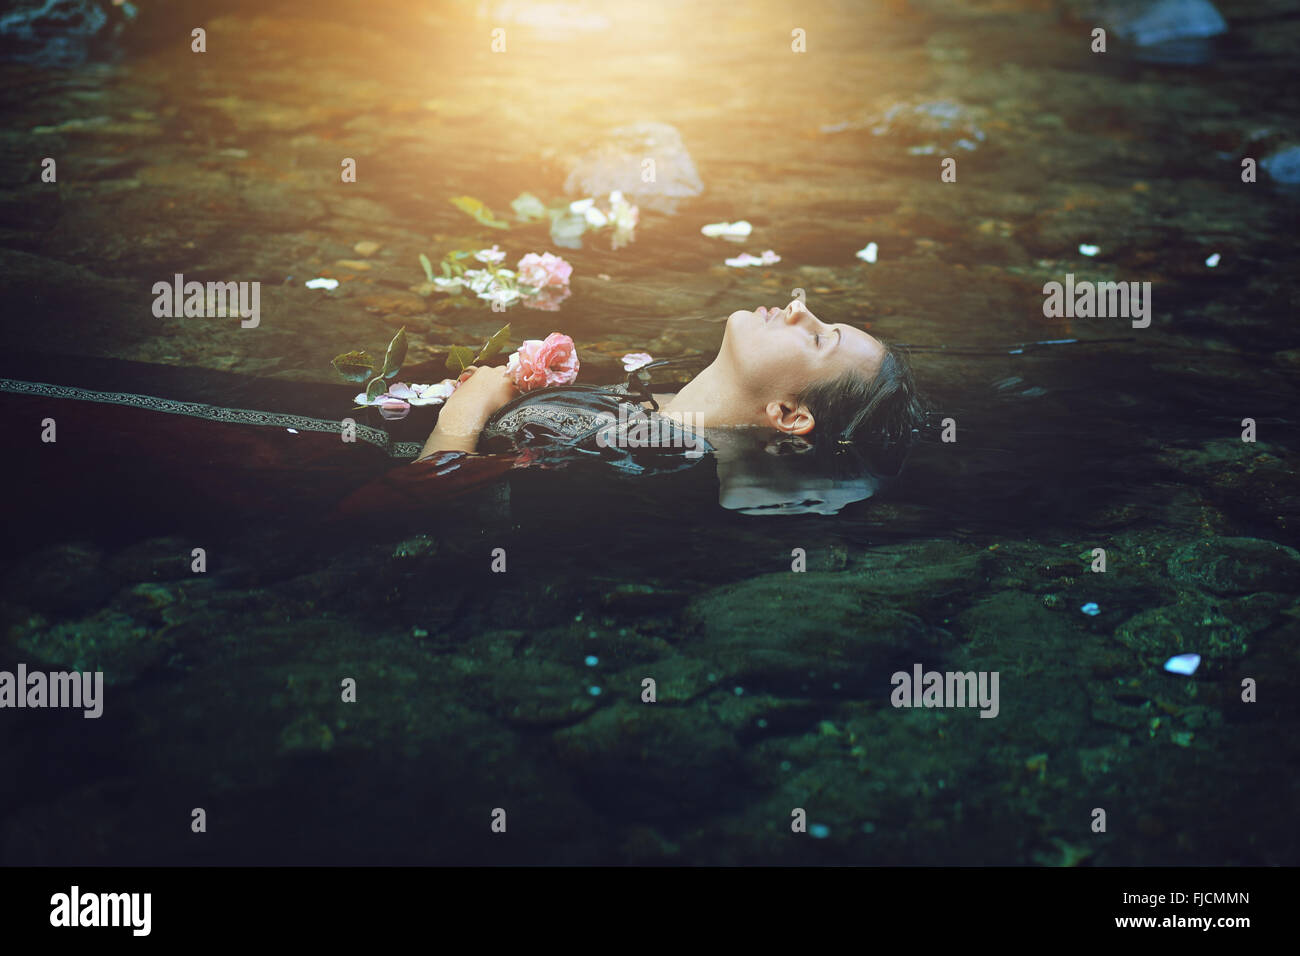 Tote Frau im dunklen Fluss schwimmende. Ophelia konzeptionellen Stockbild